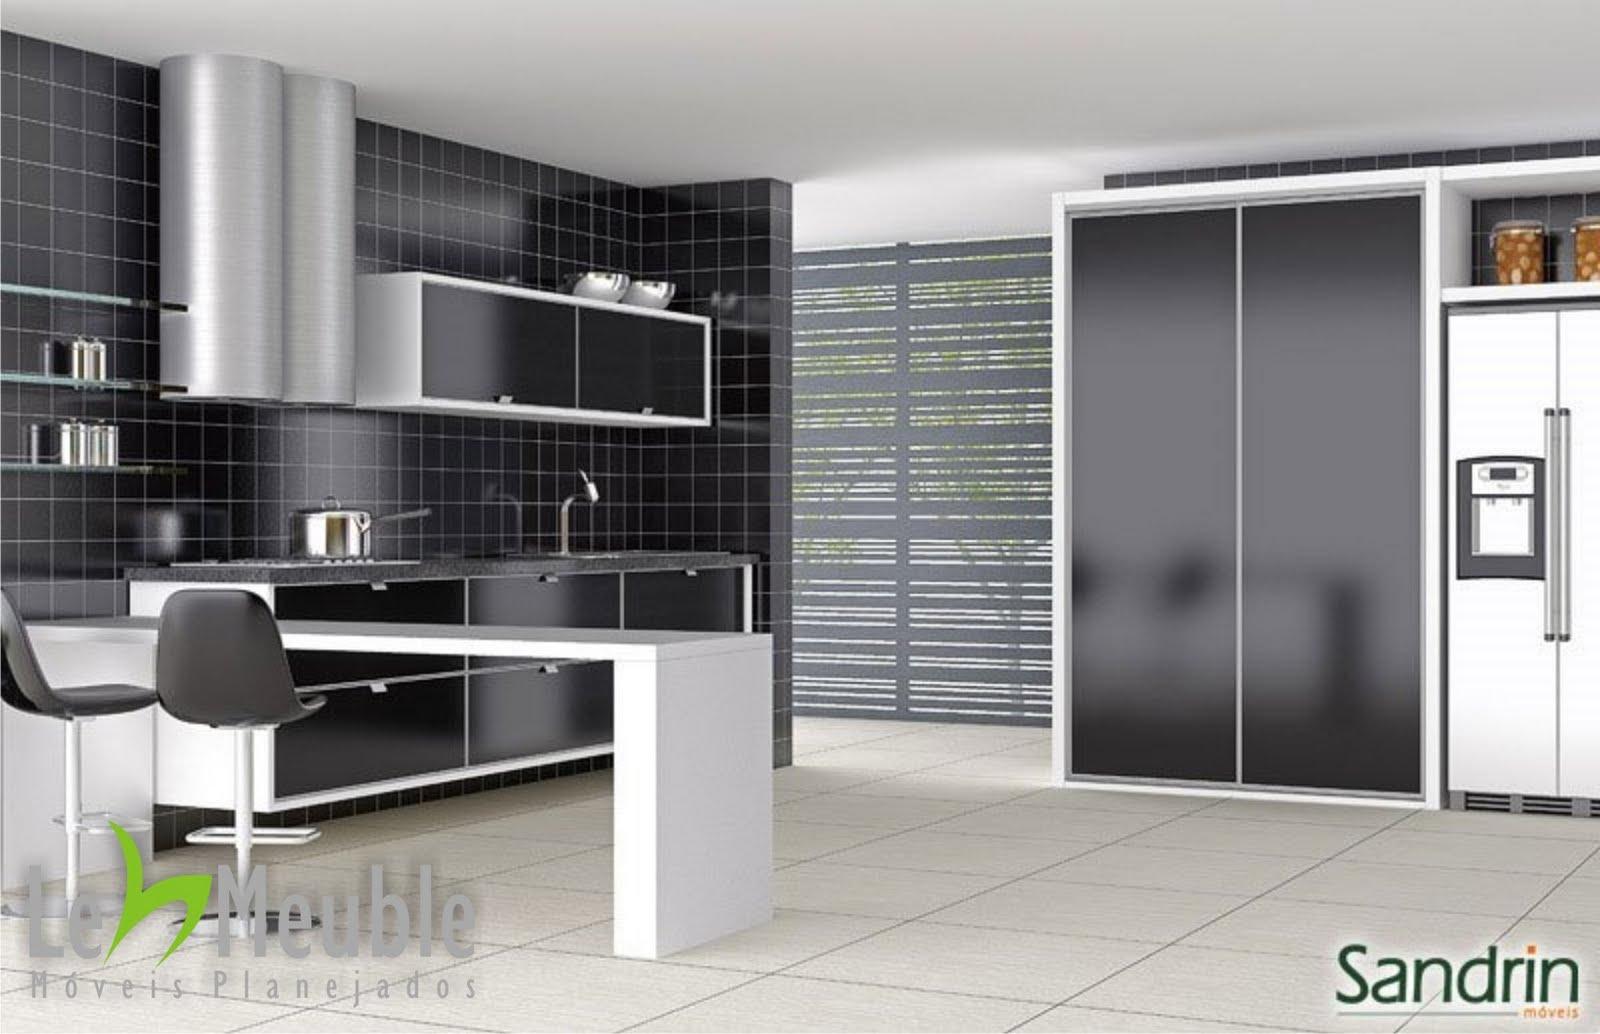 Cozinha corpo branco frentes em ciocollatta e vidro chocolate. #74A724 1600 1034